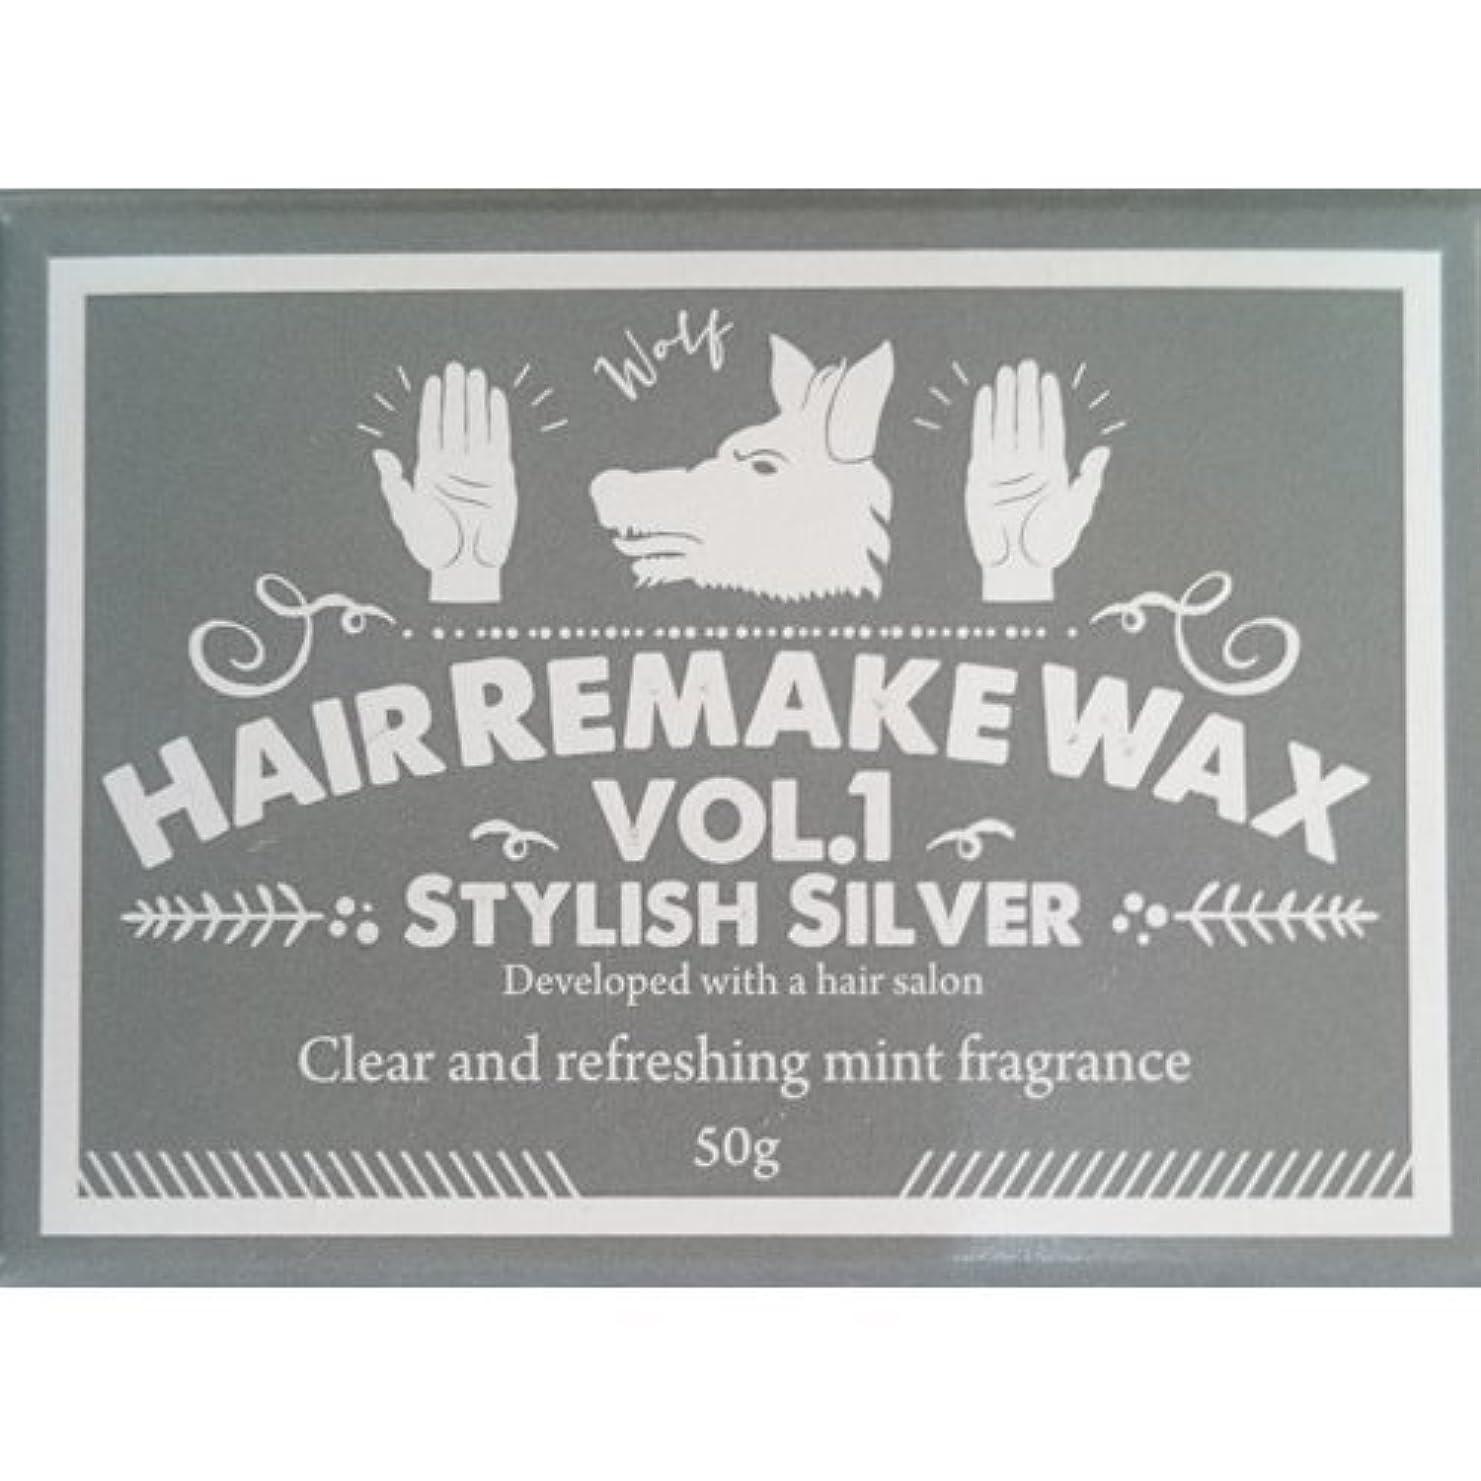 やる不快な肺炎パーティー 変装 銀髪用 Hair Remake(ヘアーリメイクワックス)WAX Vol.1 スタイリッシュシルバー 50g